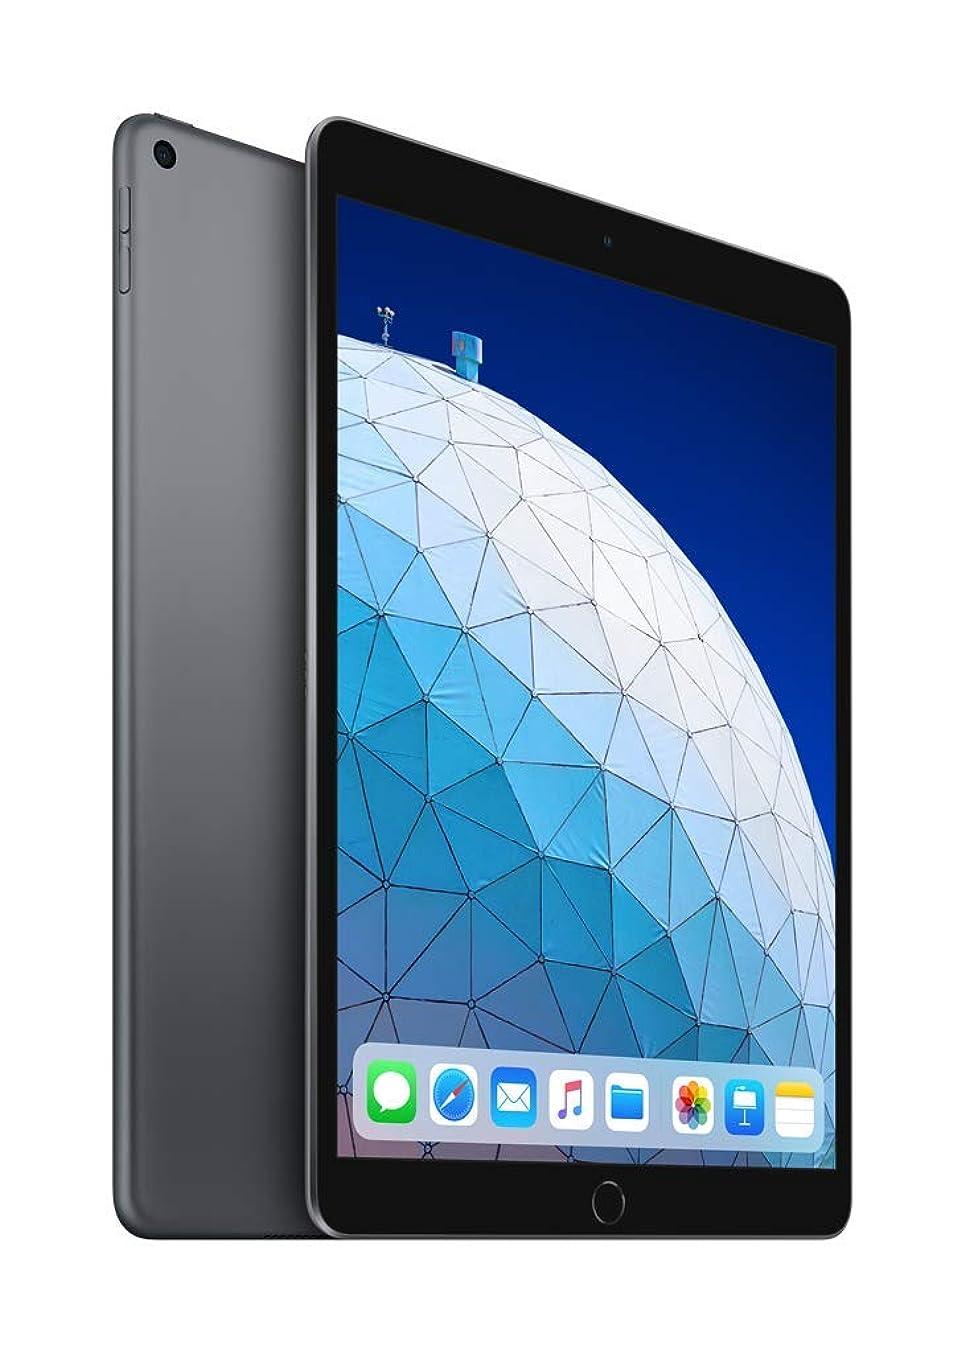 親愛な女の子羨望HUAWEI 8.0インチ MediaPad M5 Lite Touch タブレット ※LTEモデル RAM 3GB / ROM 32GB 5100mAh 【日本正規代理店品】